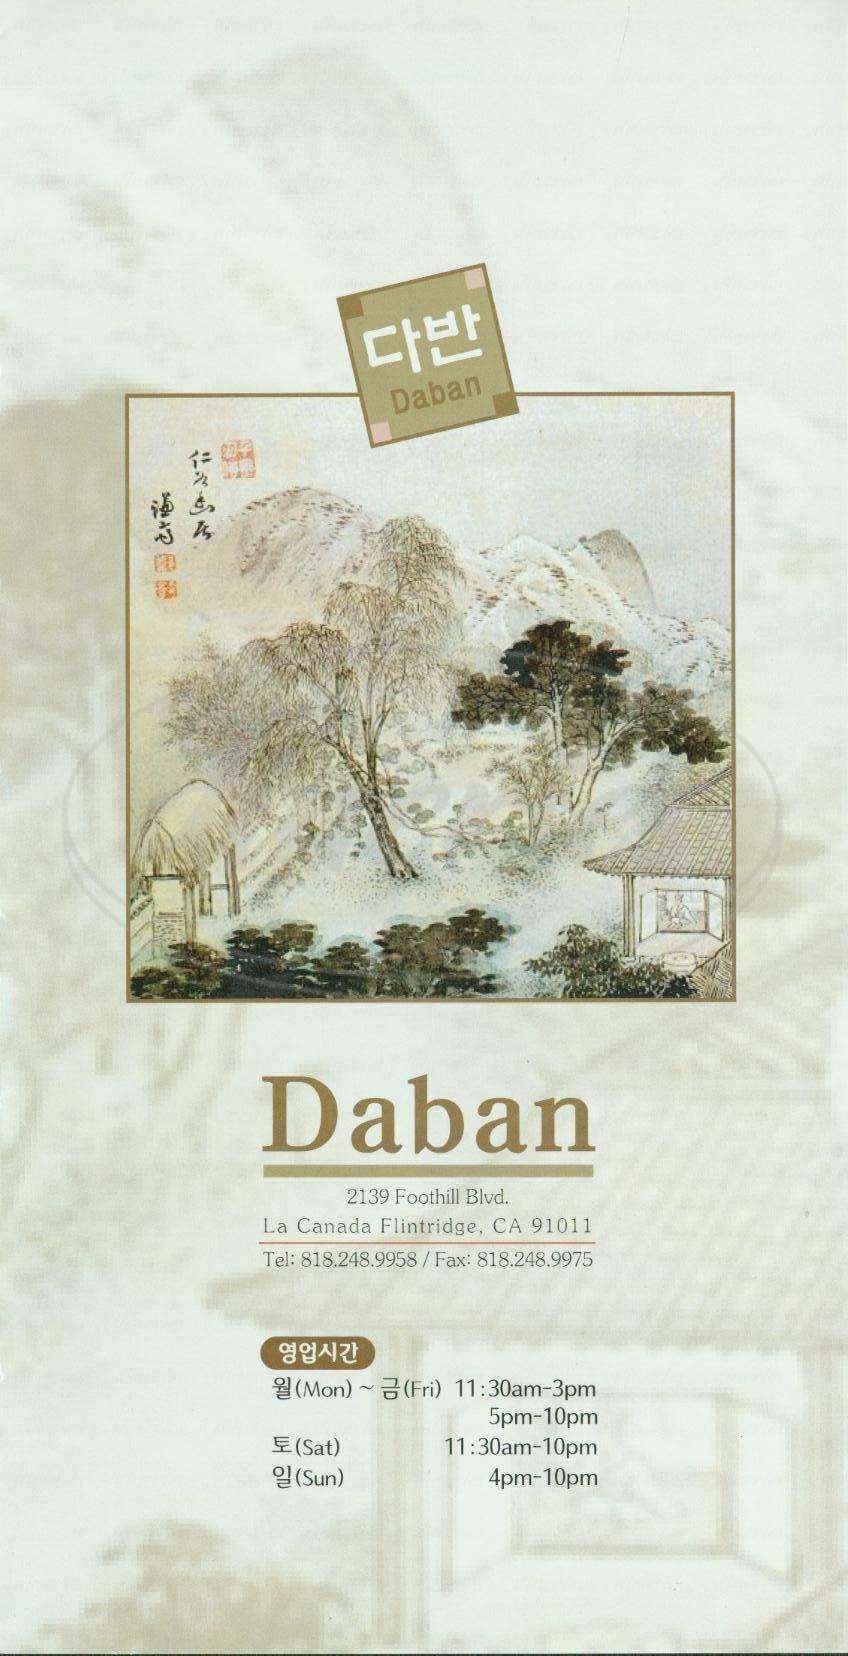 menu for Daban